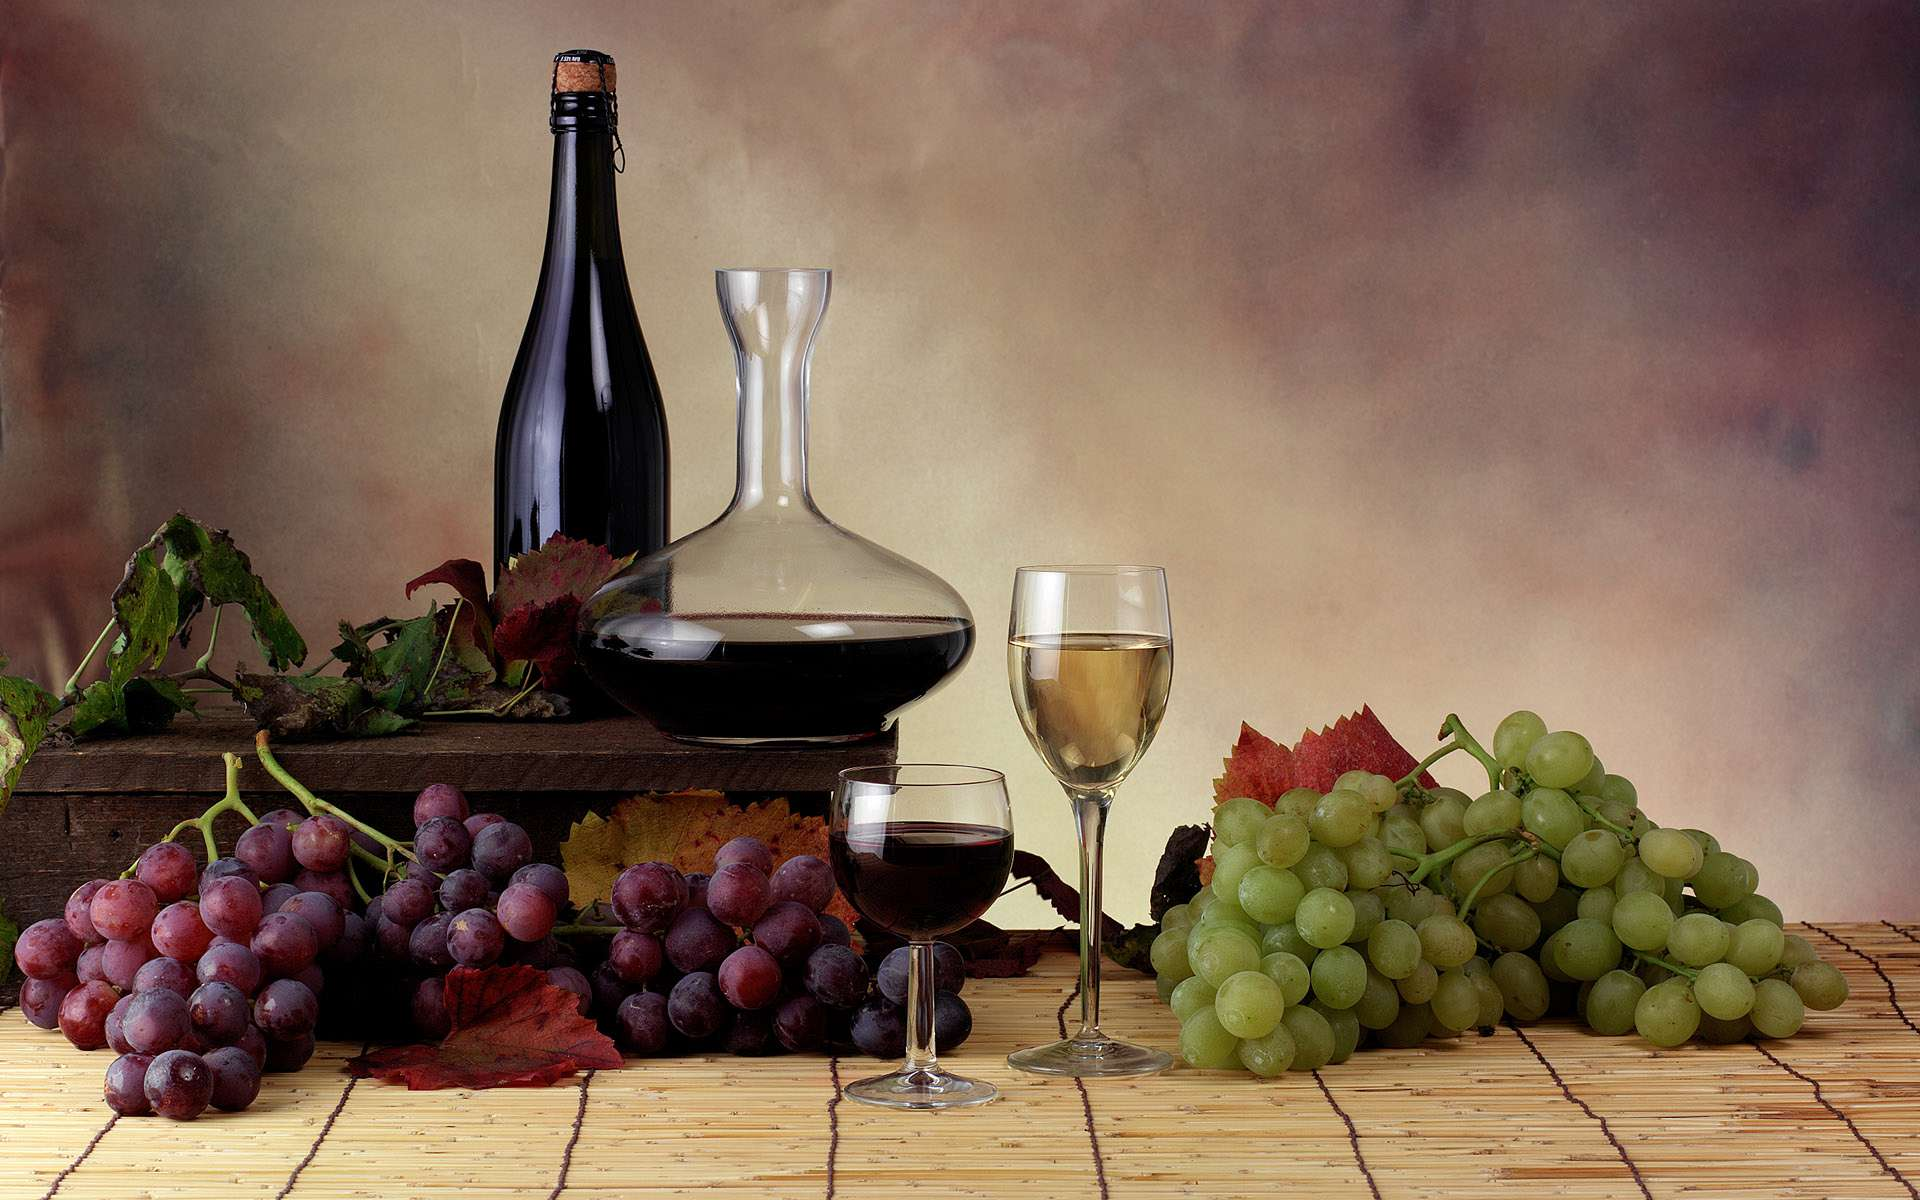 фоновые картинки на рабочий стол компьютера вино фото основном насыщенности